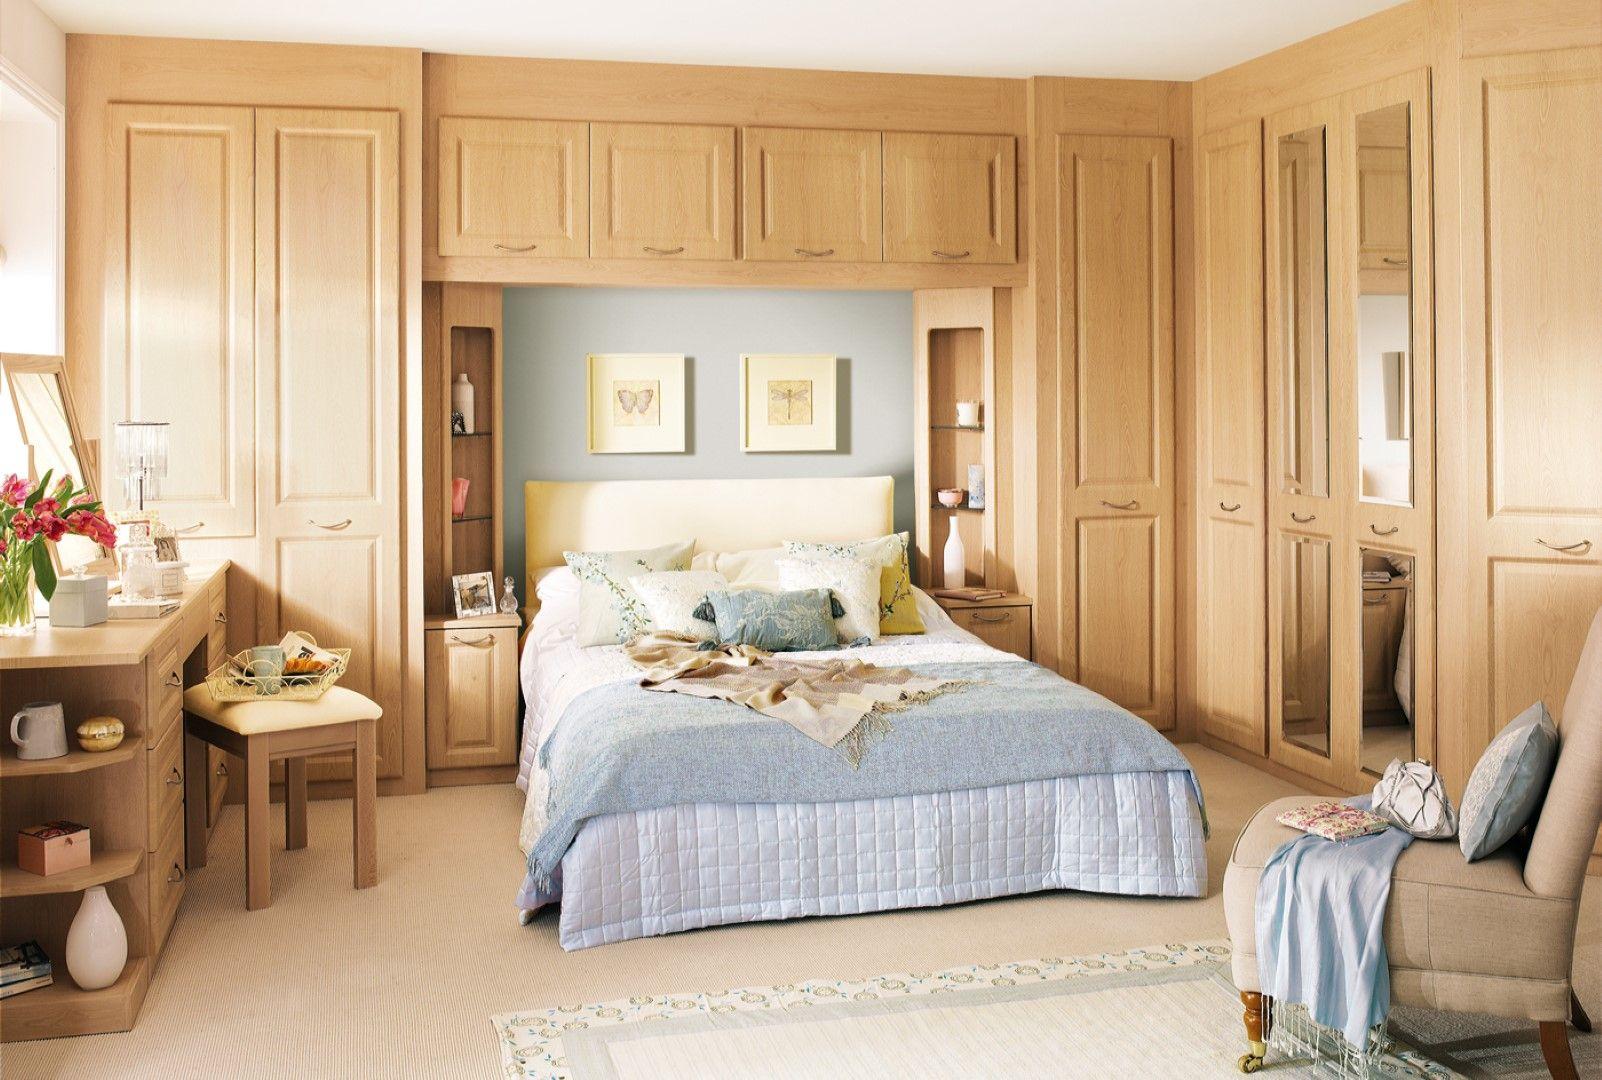 Full Size of überbau Schlafzimmer Modern Compact Fitted Bedrooms Google Search Schlafzimmerrenovierung Komplett Guenstig Kommode Weiss Sitzbank Vorhänge Wandtattoo Wohnzimmer überbau Schlafzimmer Modern